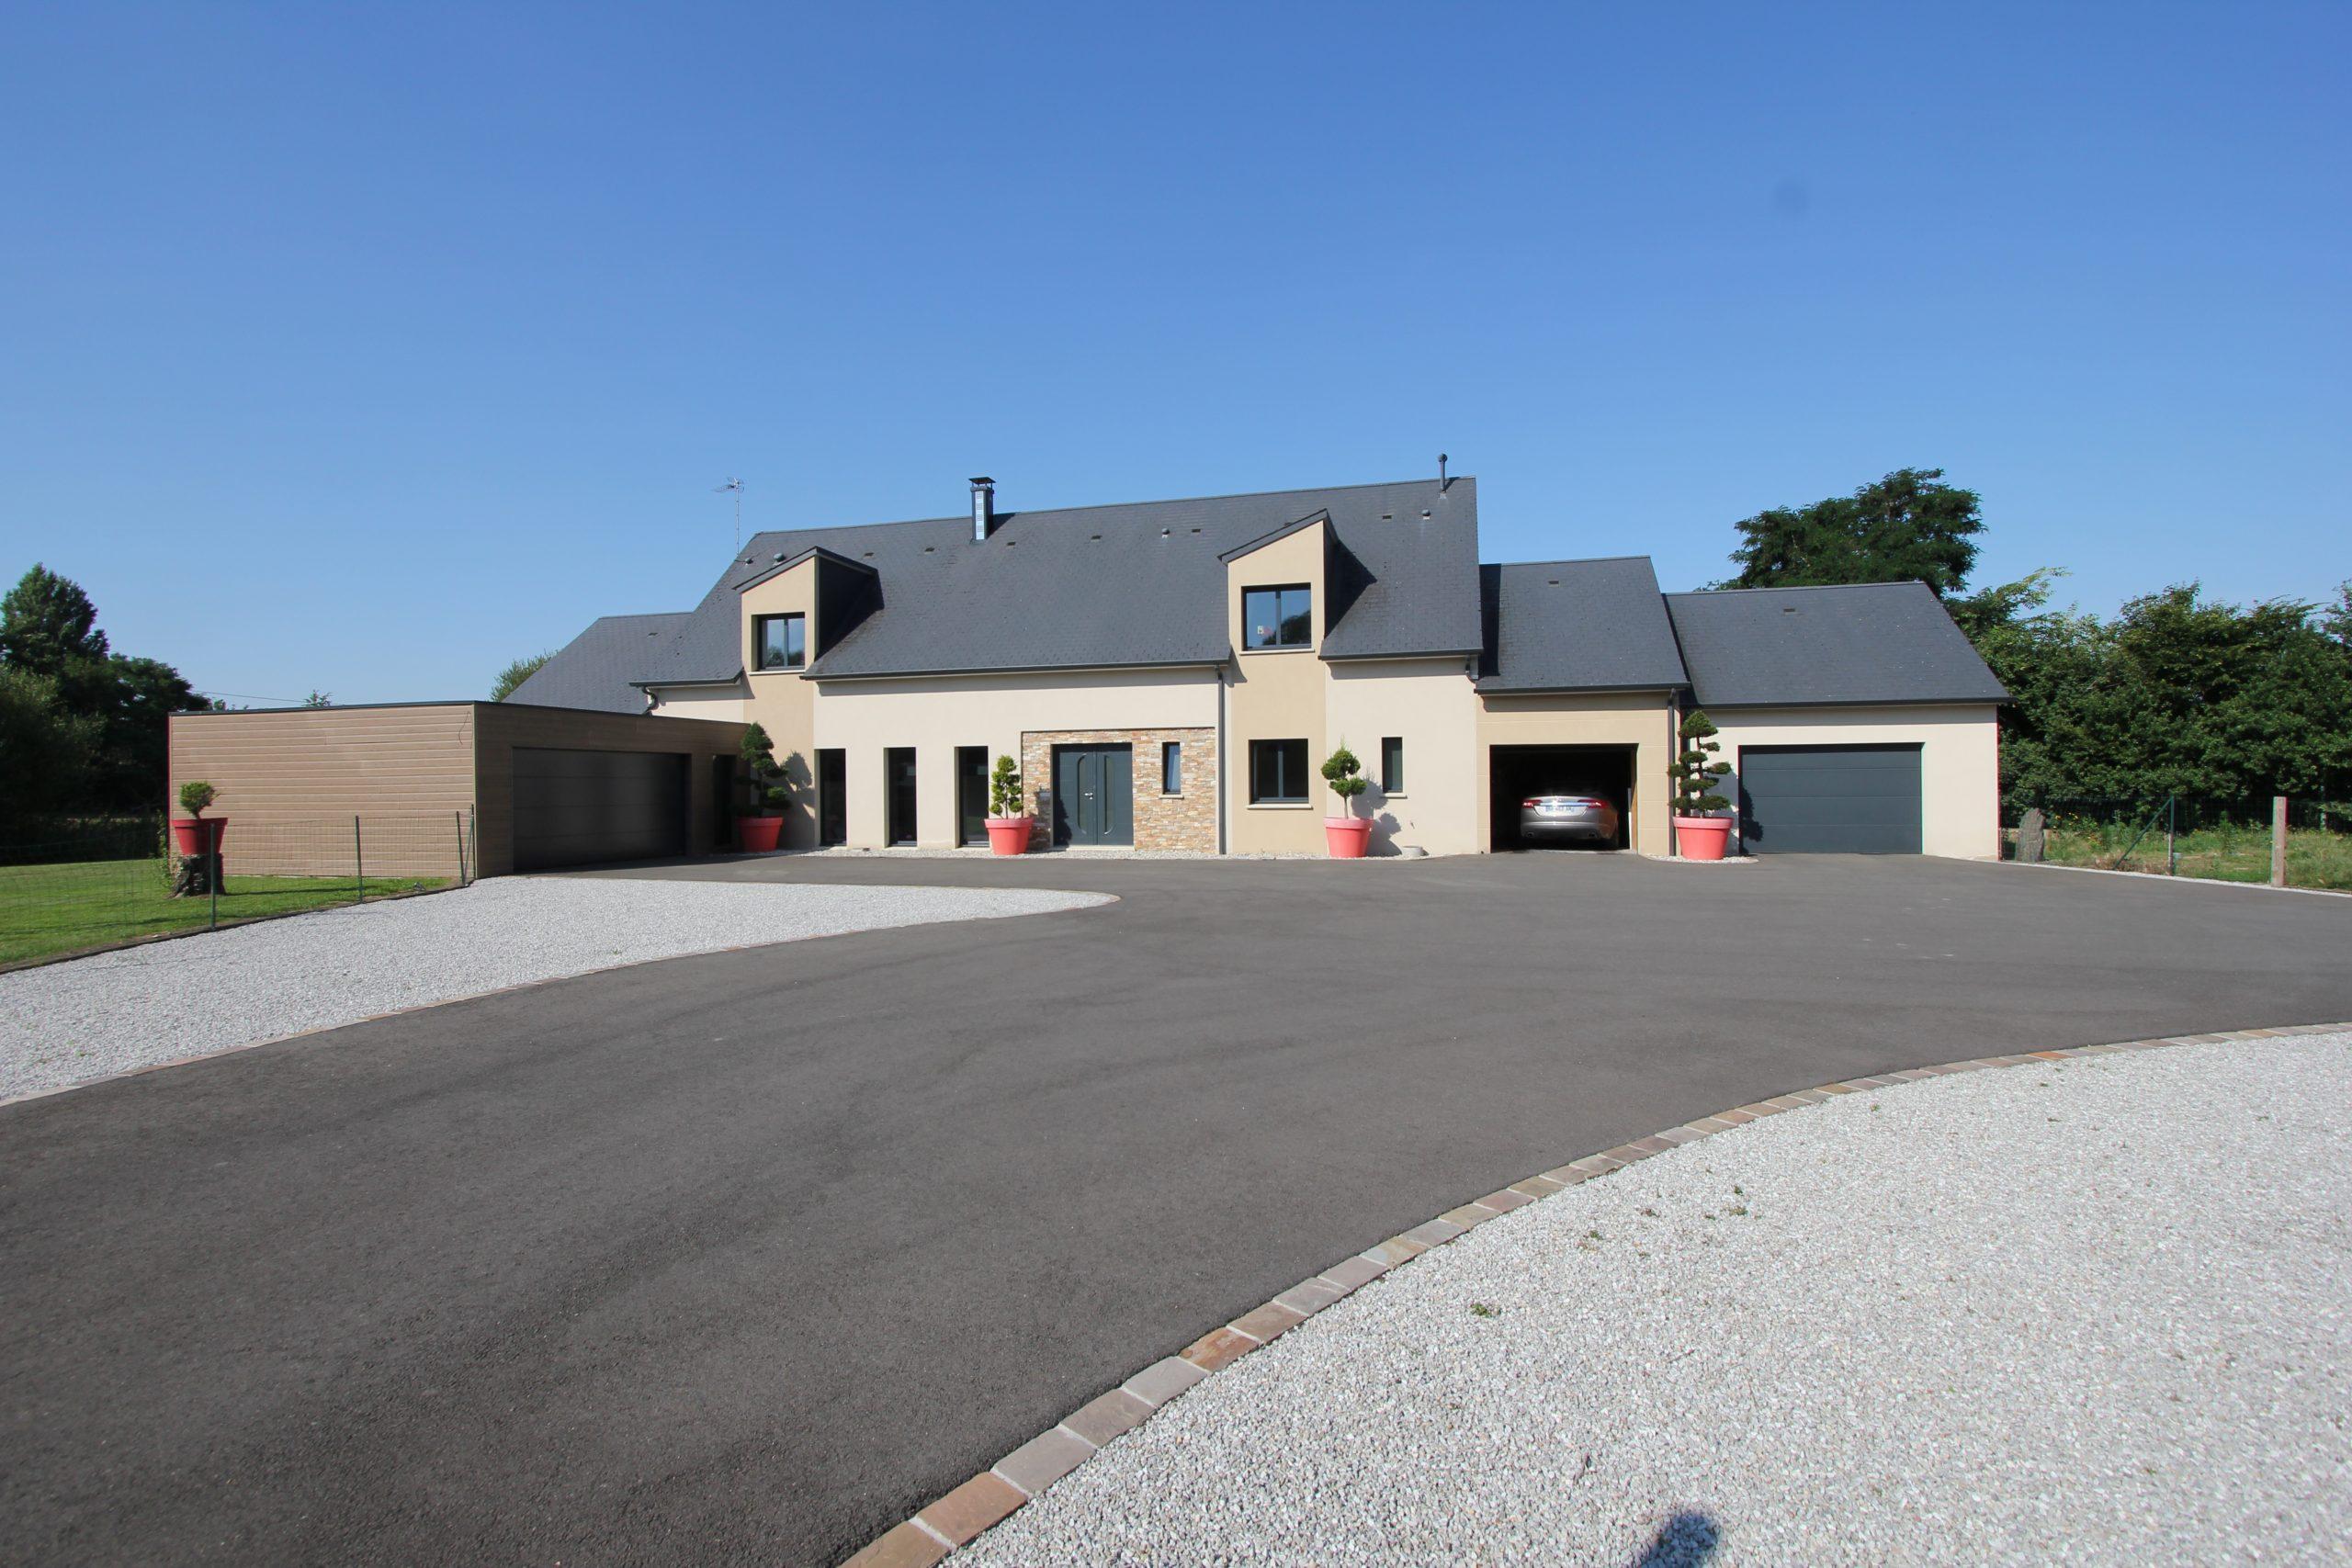 Maison neuve et ses installations équestres – Proche du Mans (72)